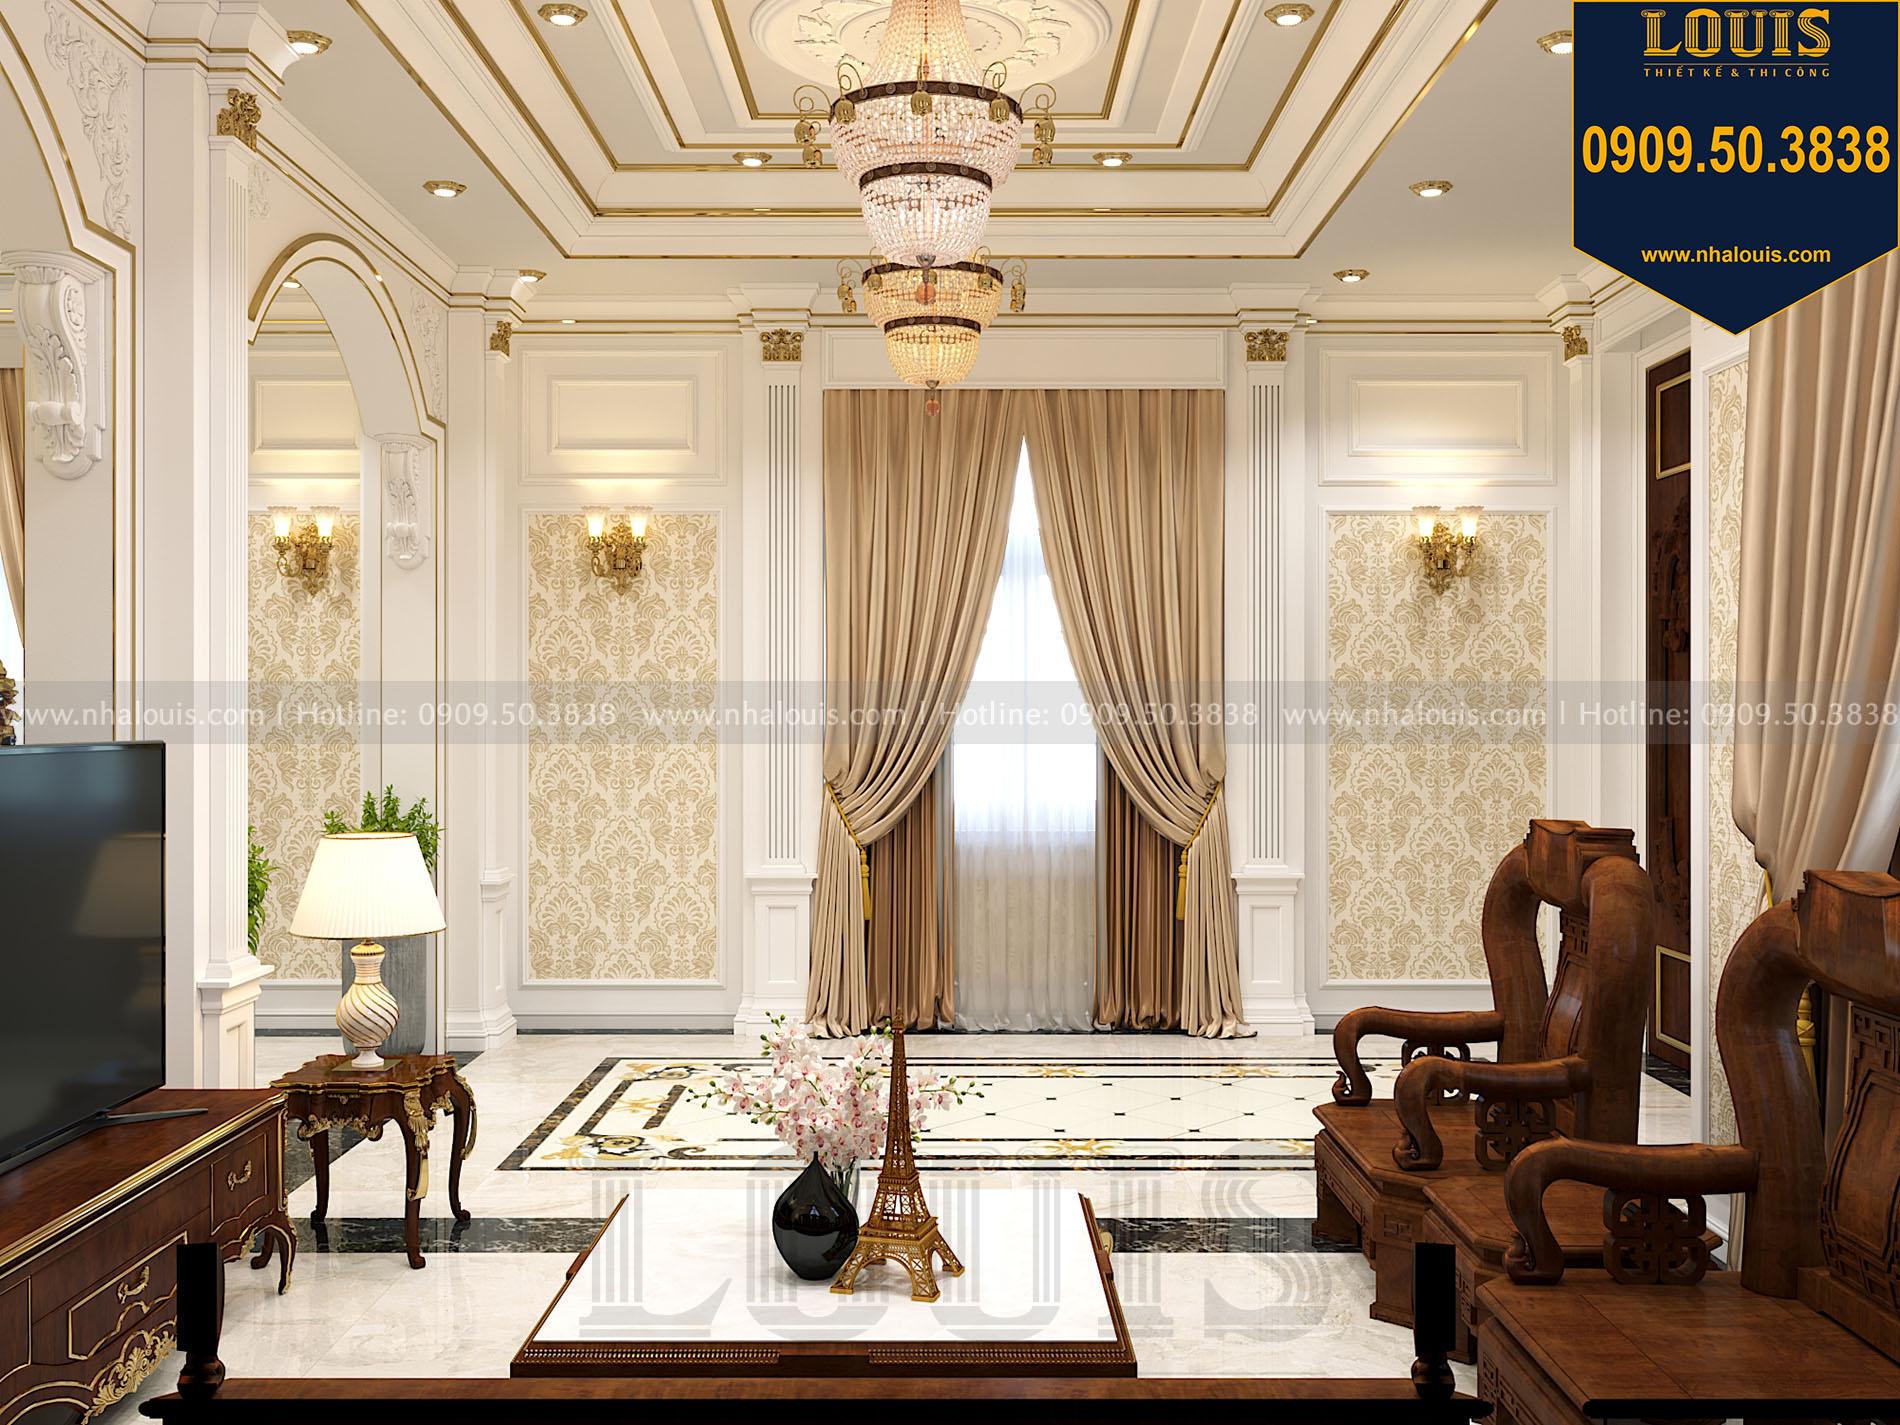 Phòng khách biệt thự